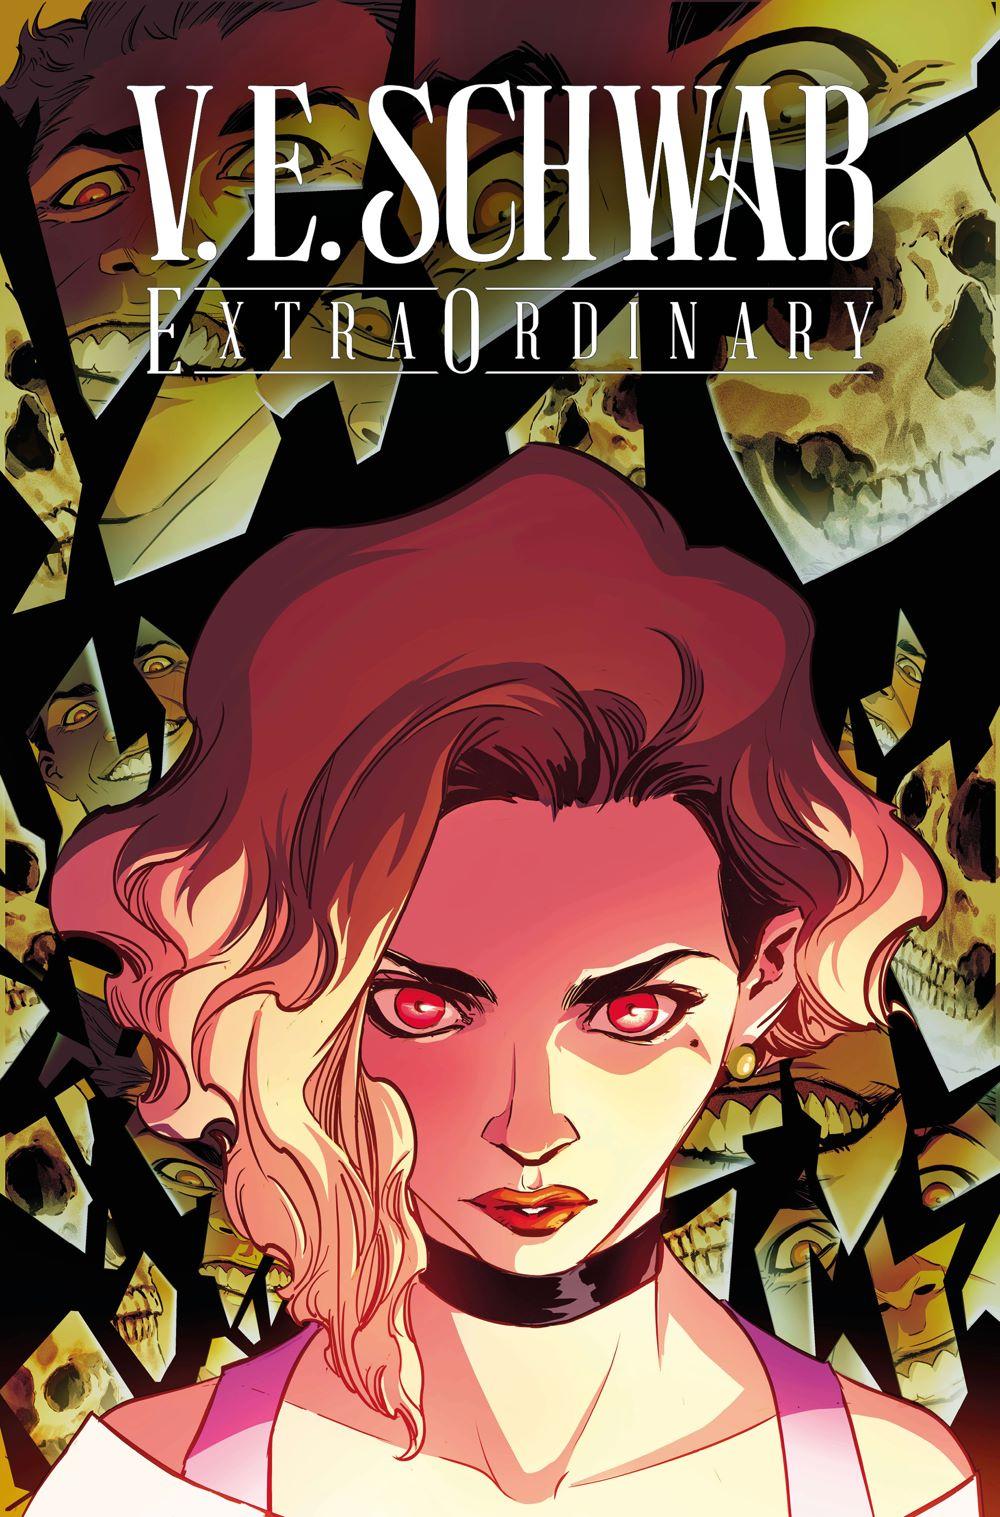 ExtraOrdinary-3A-PETRAITES Titan Comics August 2021 Solicitations